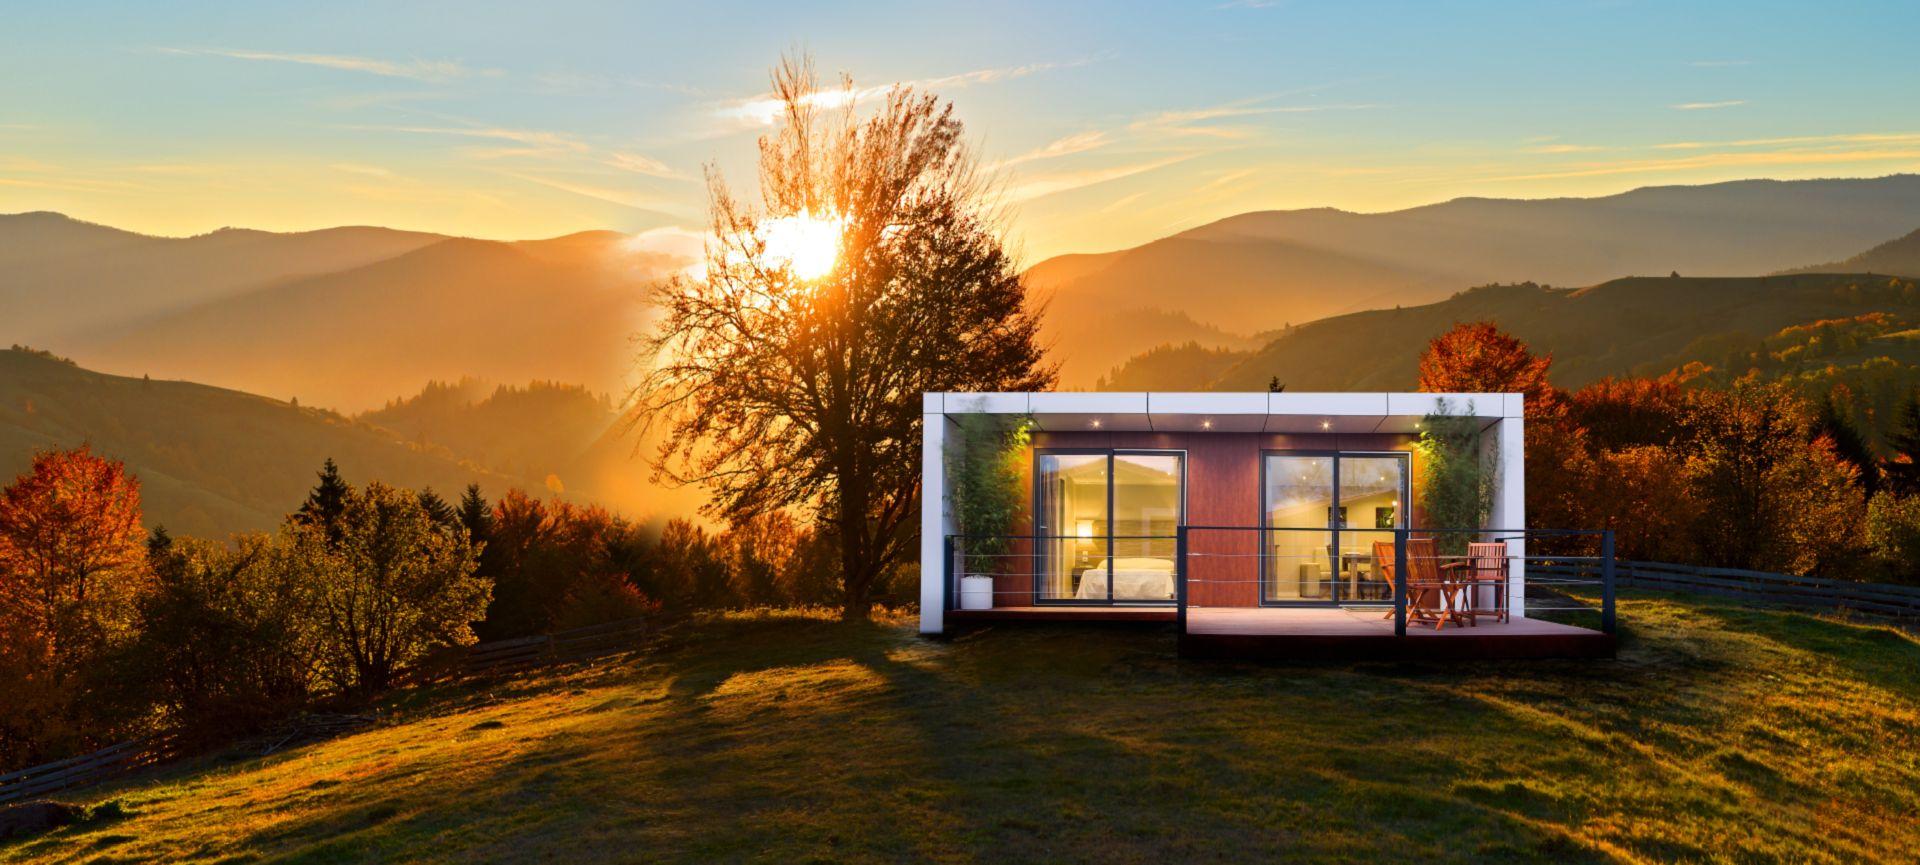 Casas prefabricadas modulares economicas y modernas eurocasa - Casas prefabricadas en zaragoza ...